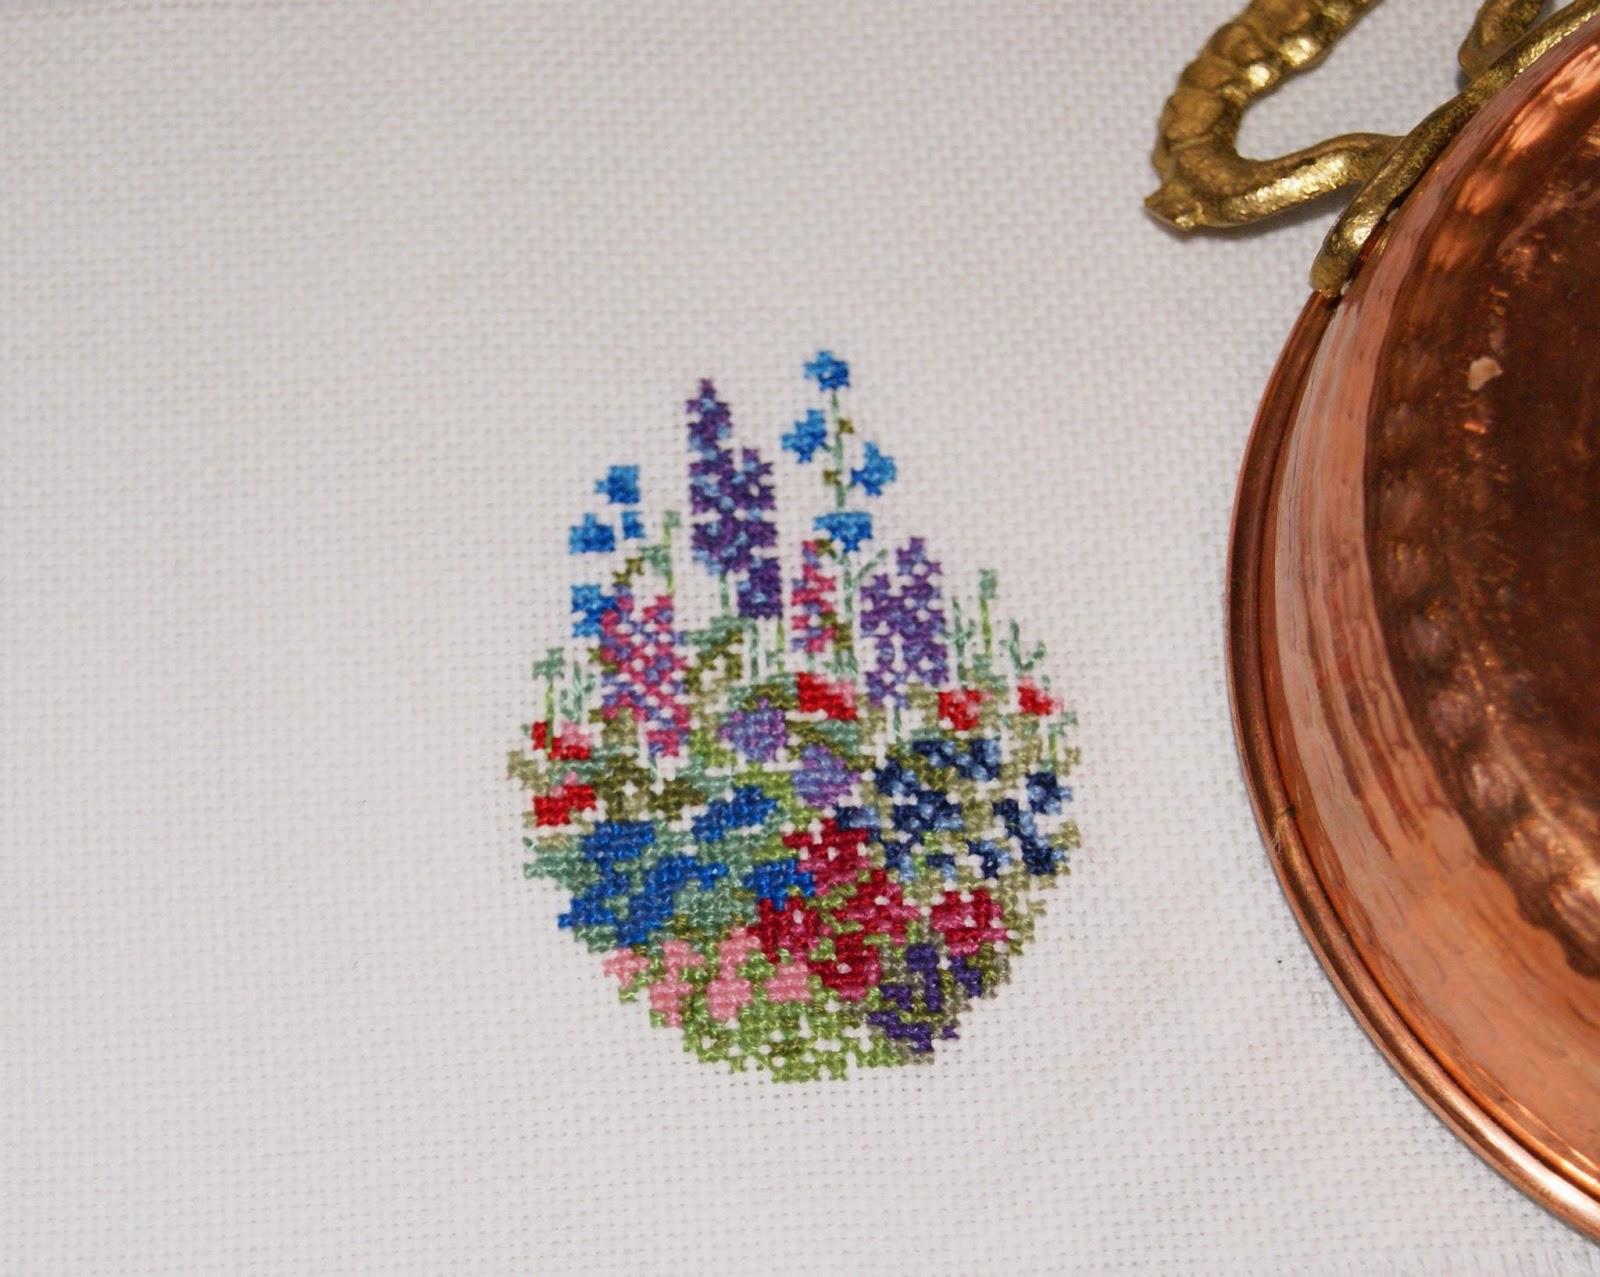 вышивка, миниатюра, цветы, вышитые цветы, вышиваю крестиком, вышивать, купить вышивку, ручная работа, оформление вышивки, вышитые картины, вышивка в цветочной гамме, маленькая вышивка  цветы, мини вышивка